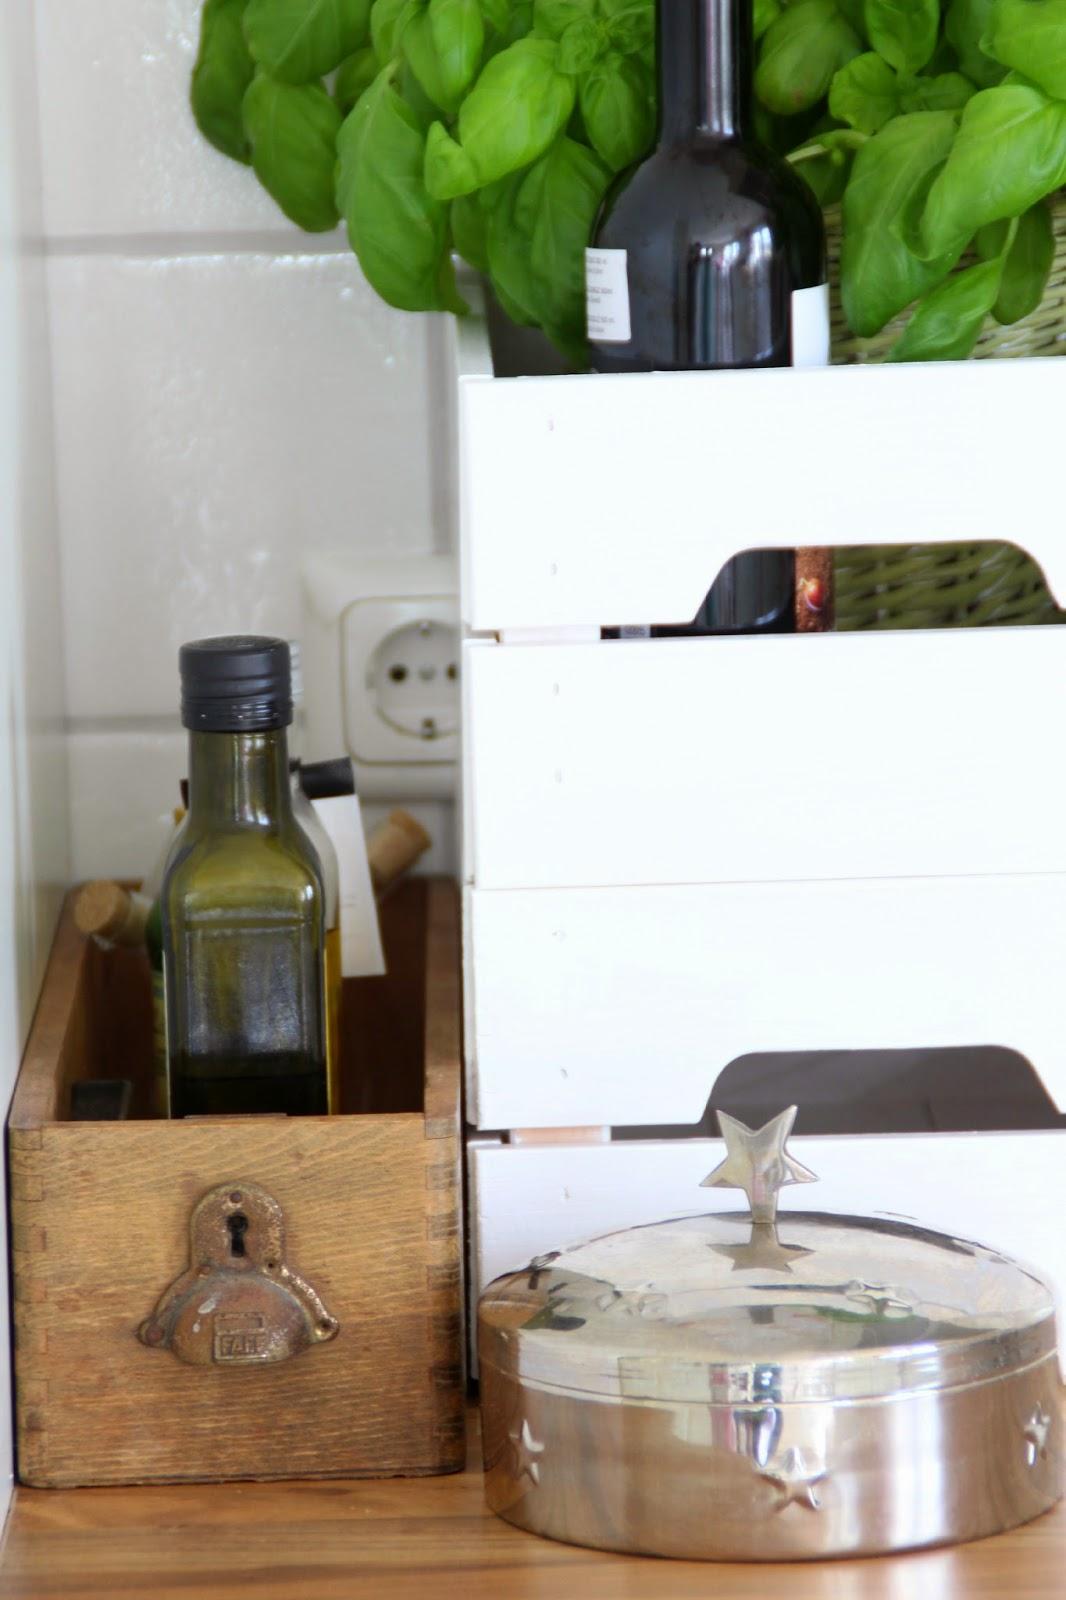 Links kleine braune Schublade als Küchenutensio für kleine Ölflaschen rechts Kiste Knagglig als Basilikumübertopf